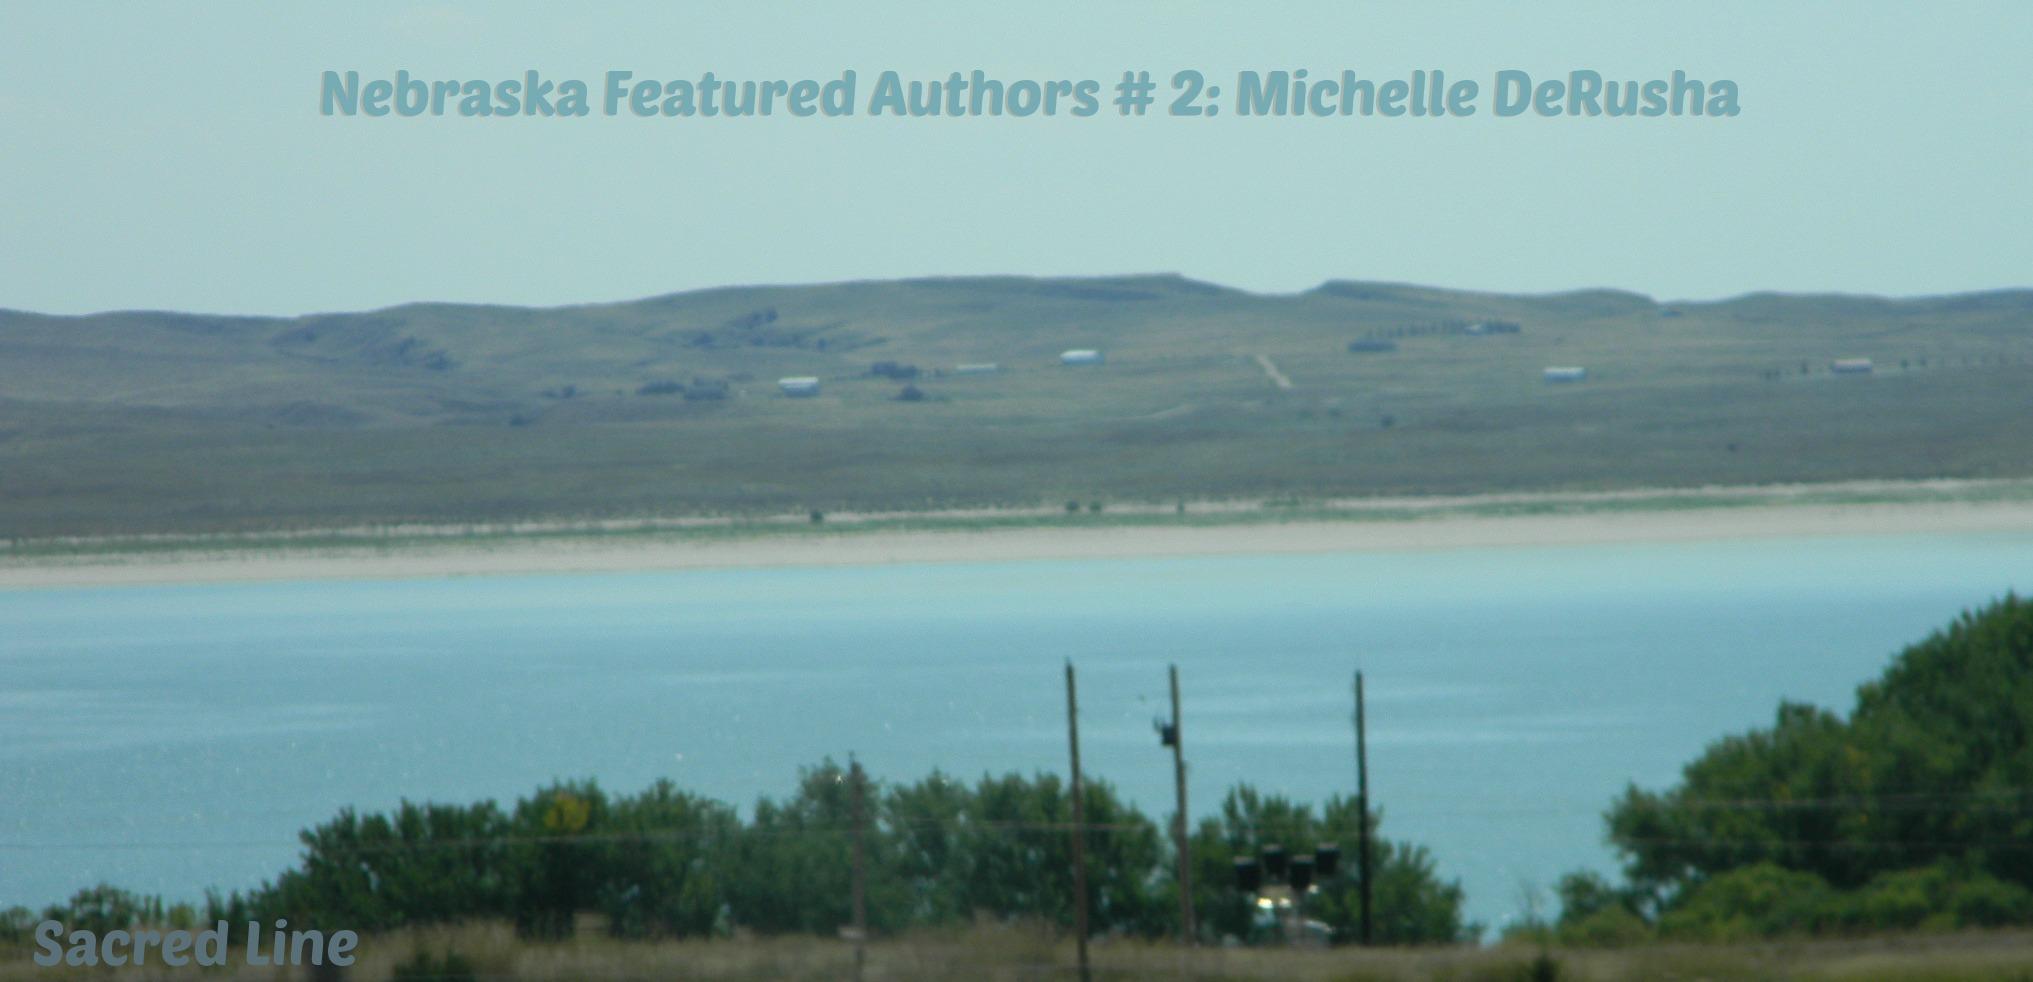 Michelle DeRusha Featured Author